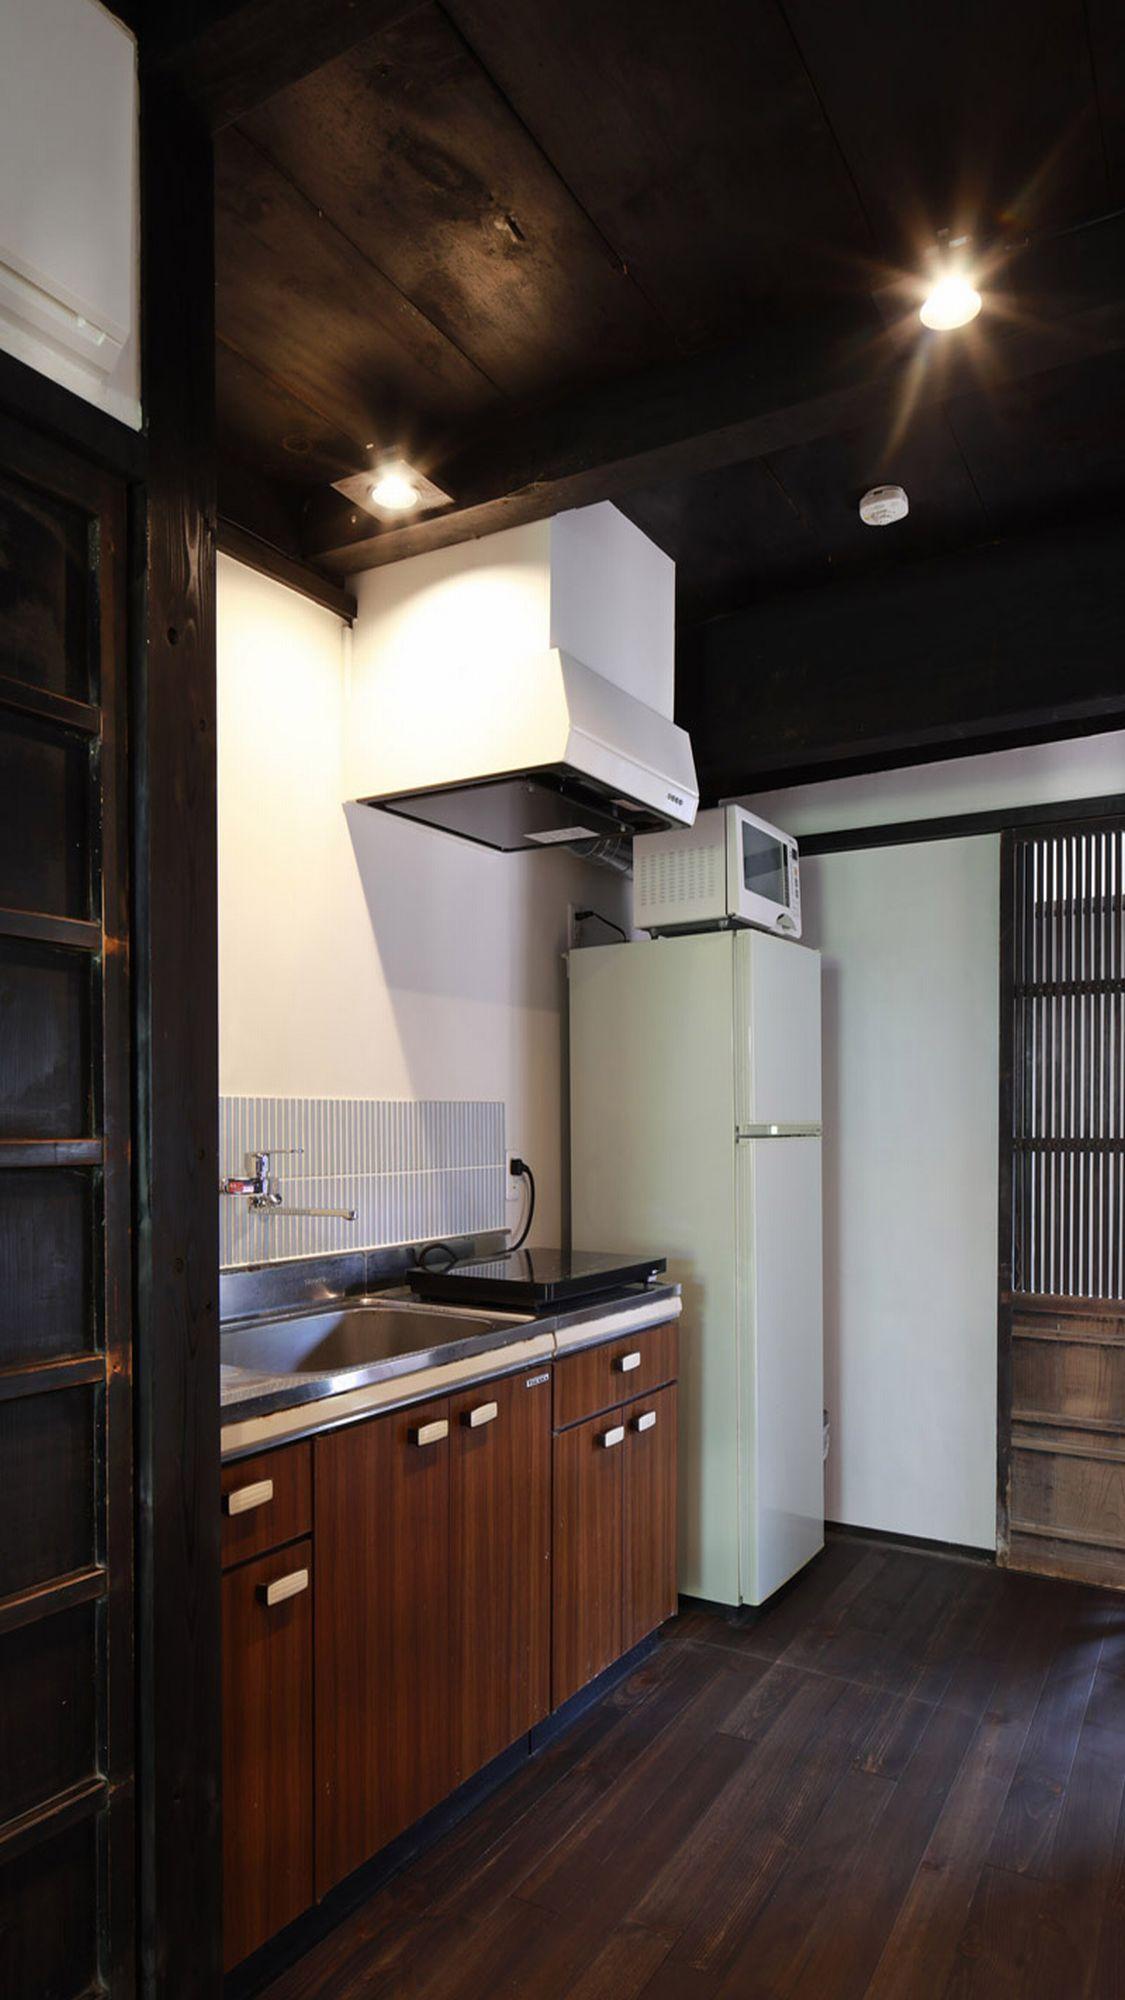 【別邸 柘榴】キッチン、冷蔵庫、電子レンジに食器・鍋類もご用意♪